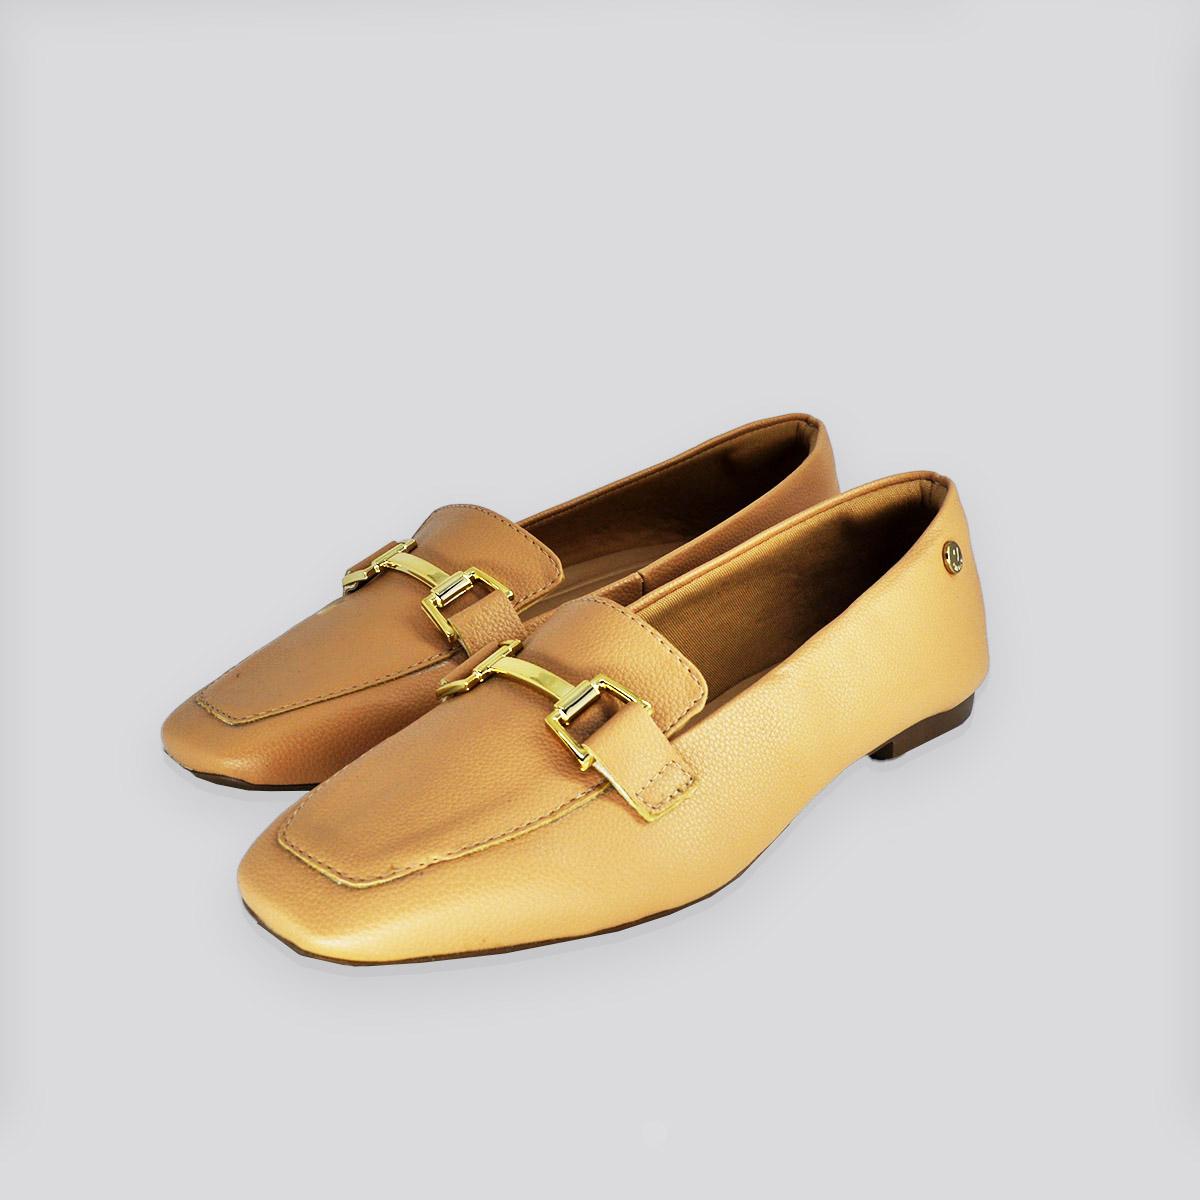 Sapato Loafex Via Uno Antique (Bege)